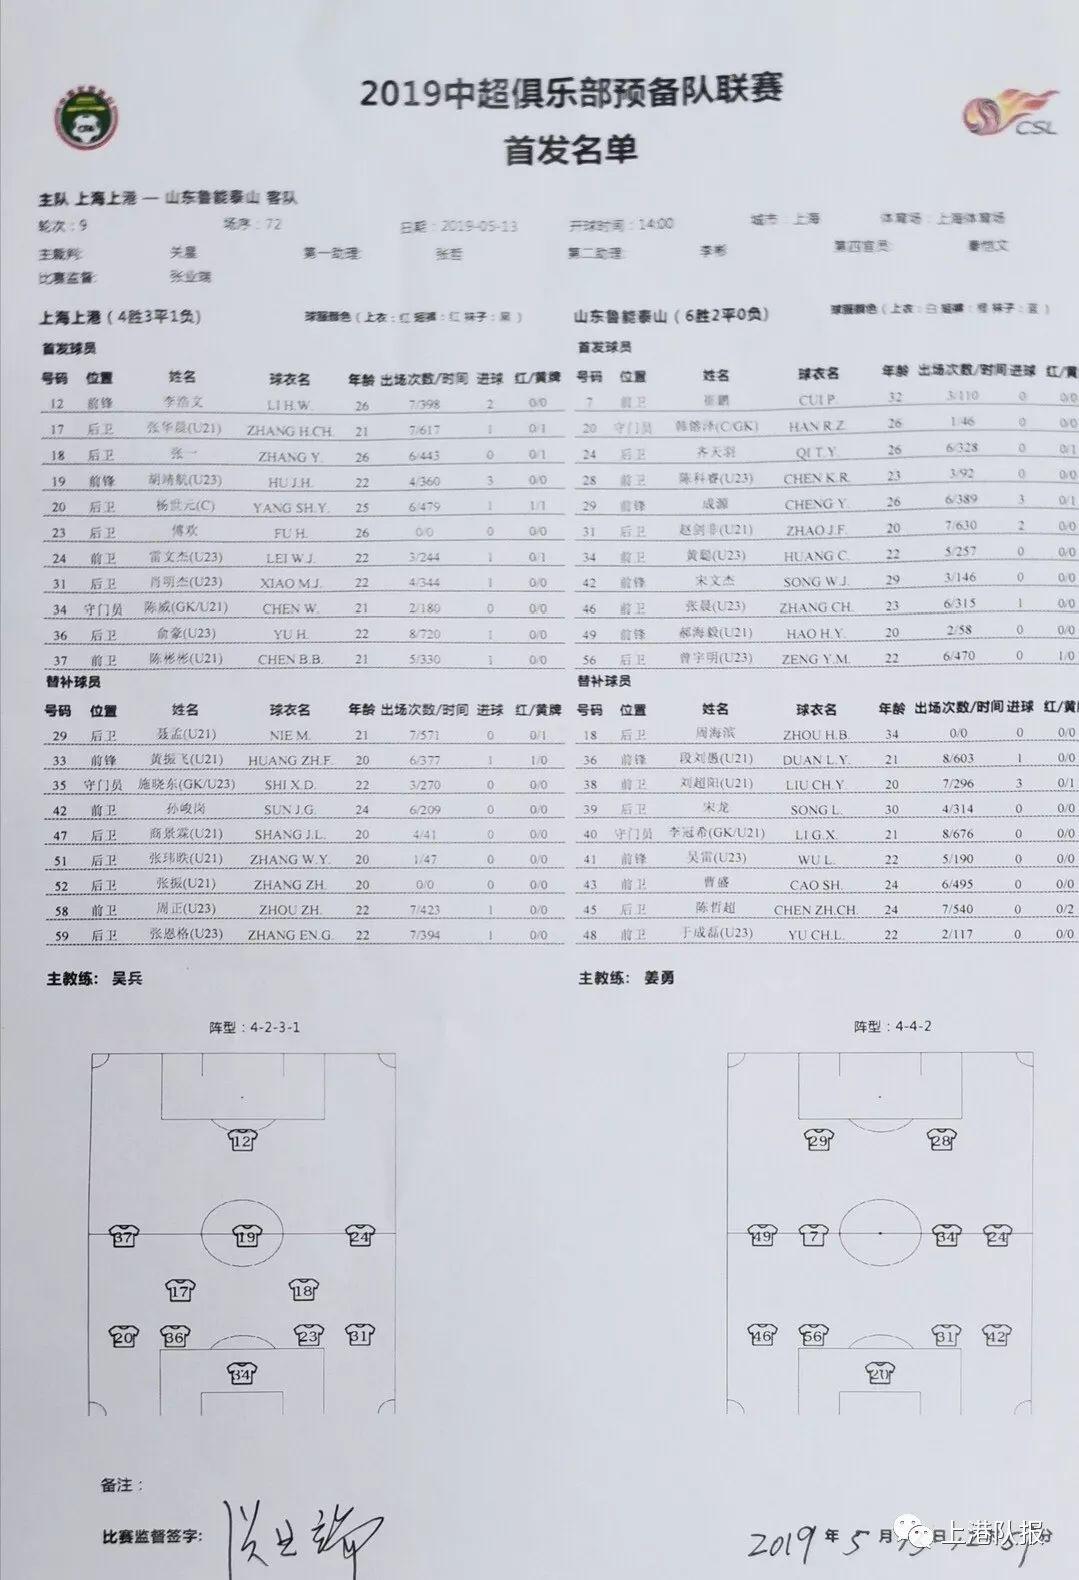 中超预备队联赛,上港三球完胜领头羊山东鲁能,足协杯开球时间确定